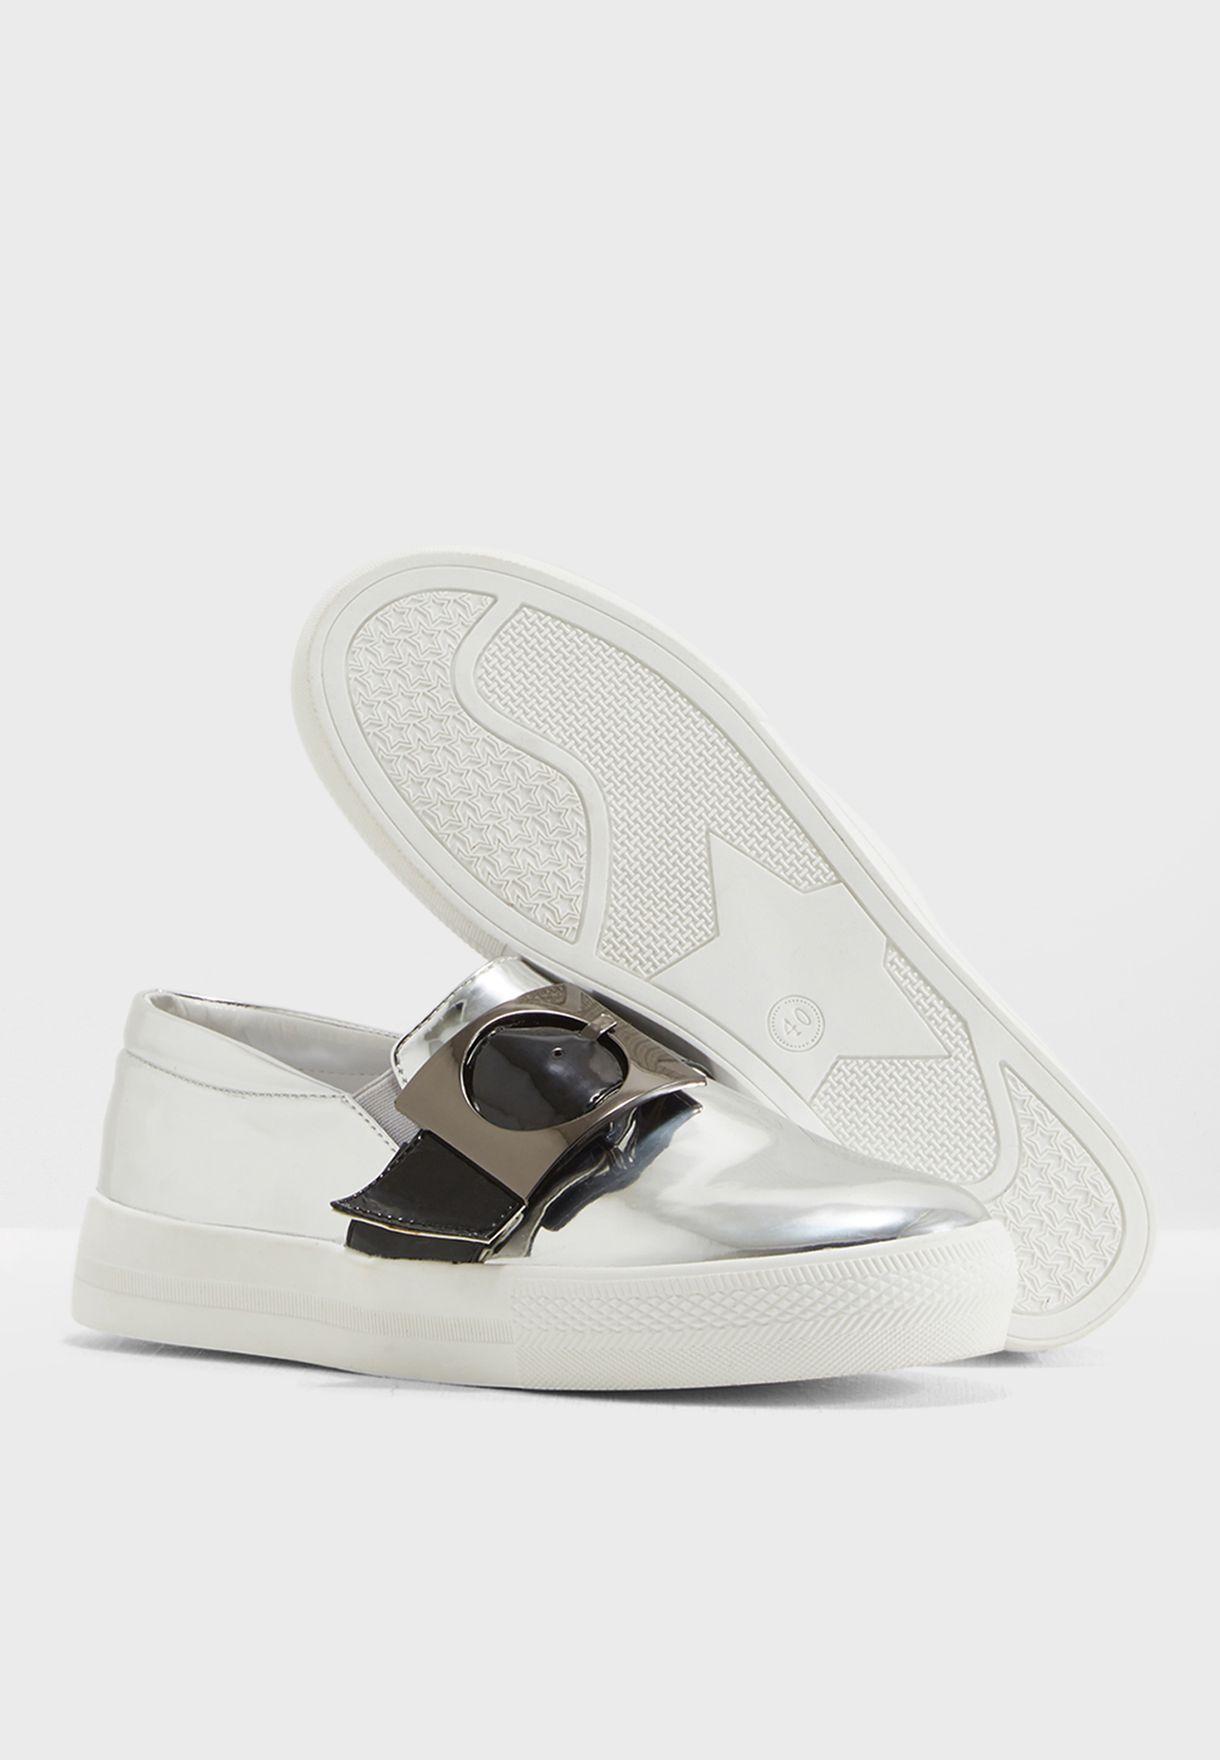 حذاء سهل الارتداء مزين بابزيم